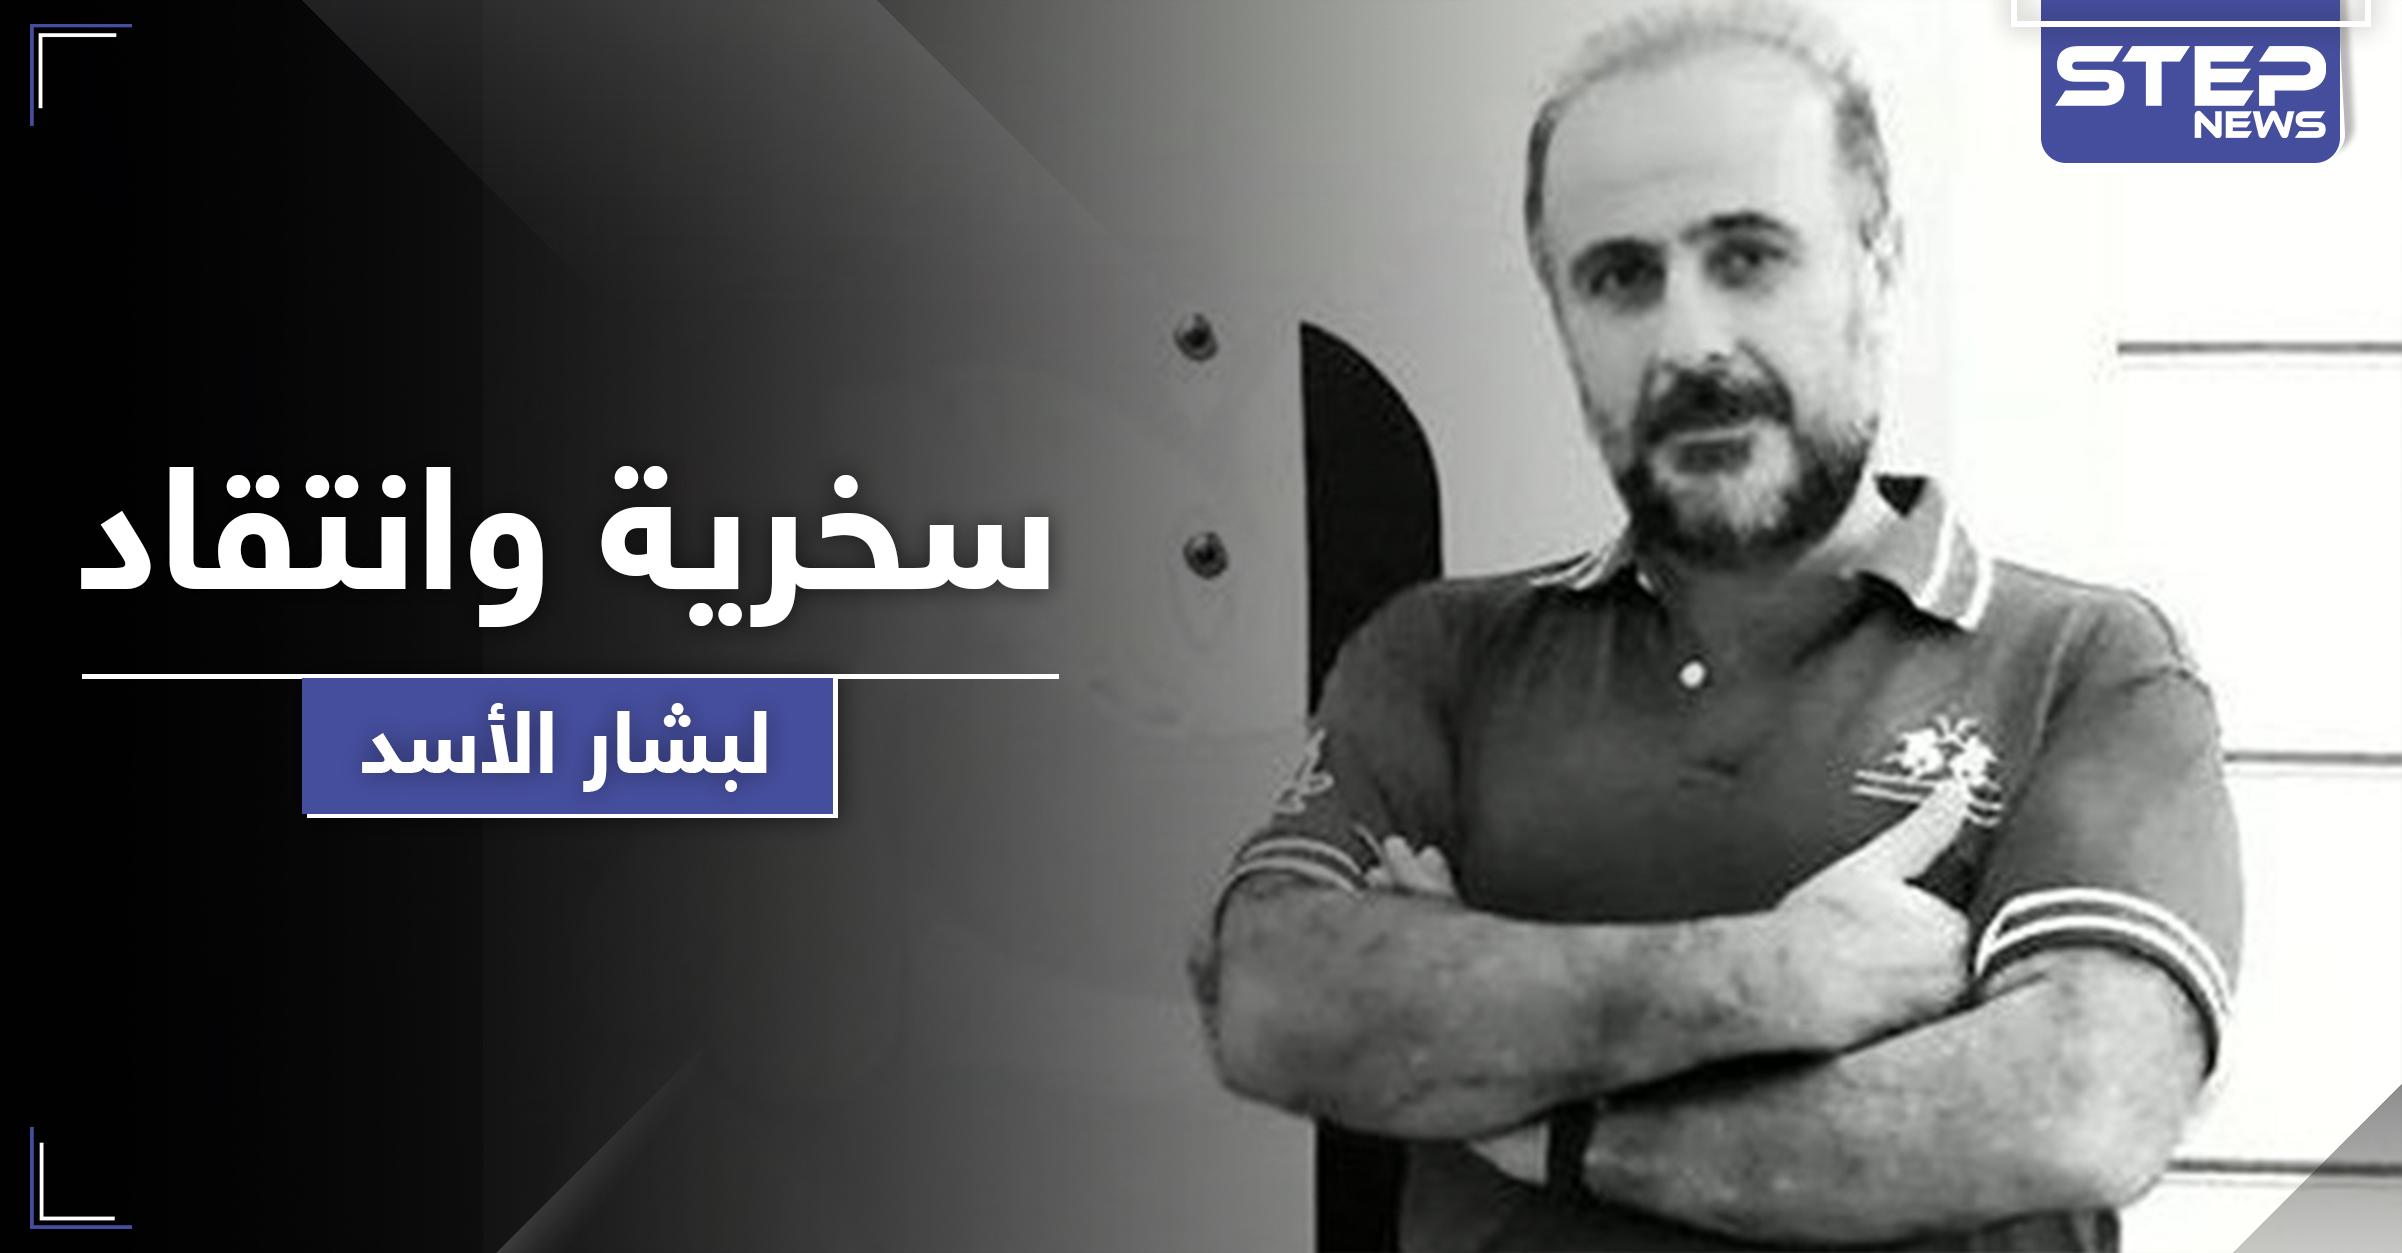 دريد الأسد يهين ابن عمه رأس النظام السوري ويوضح نظرة الشارع العلوي له